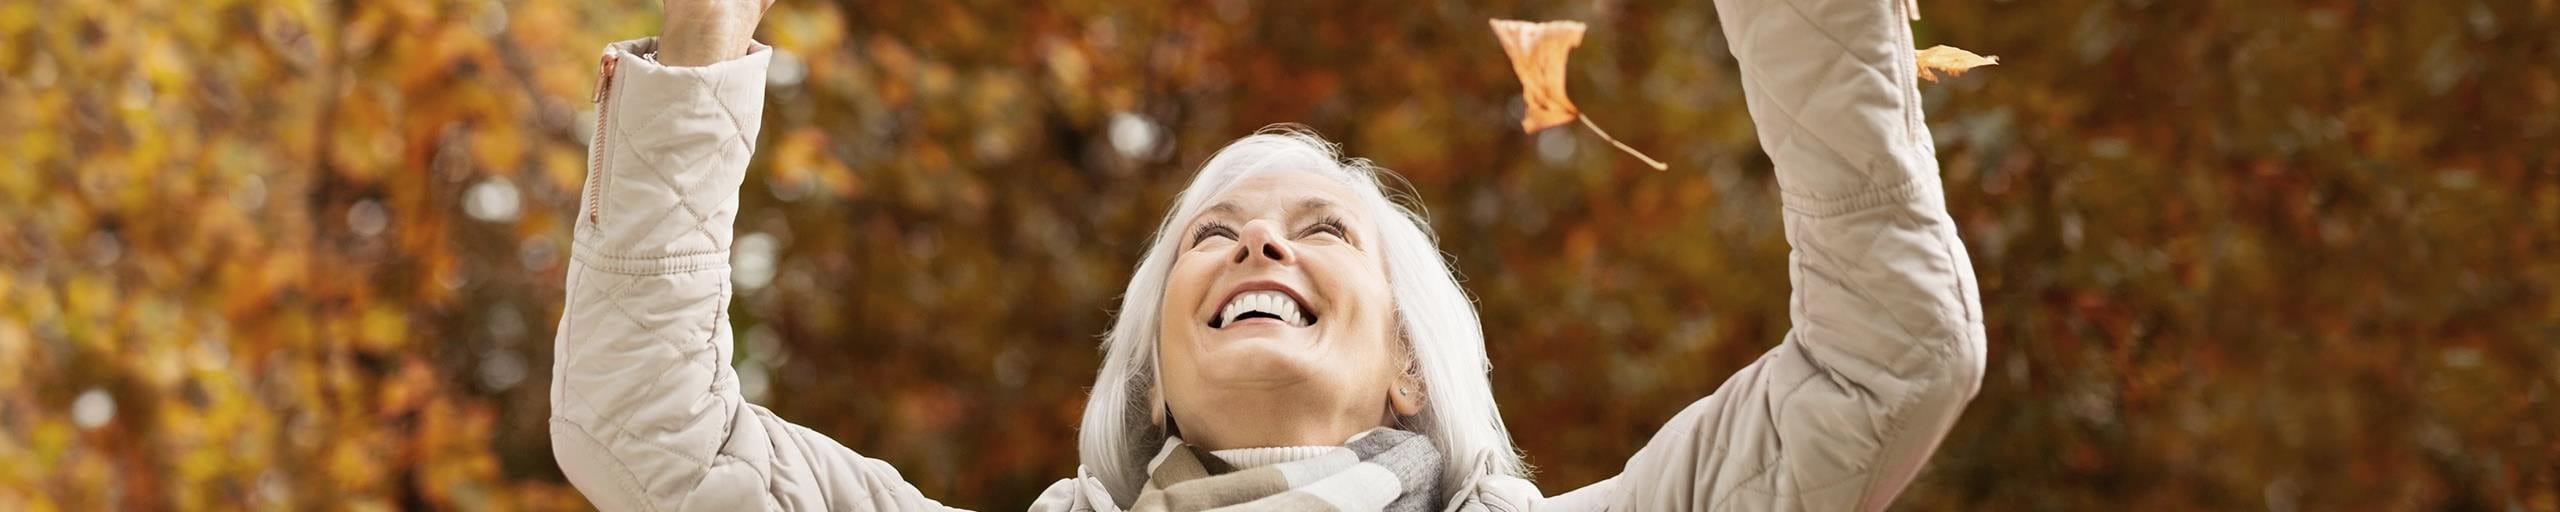 Eine ältere Frau spielt mit Laub.